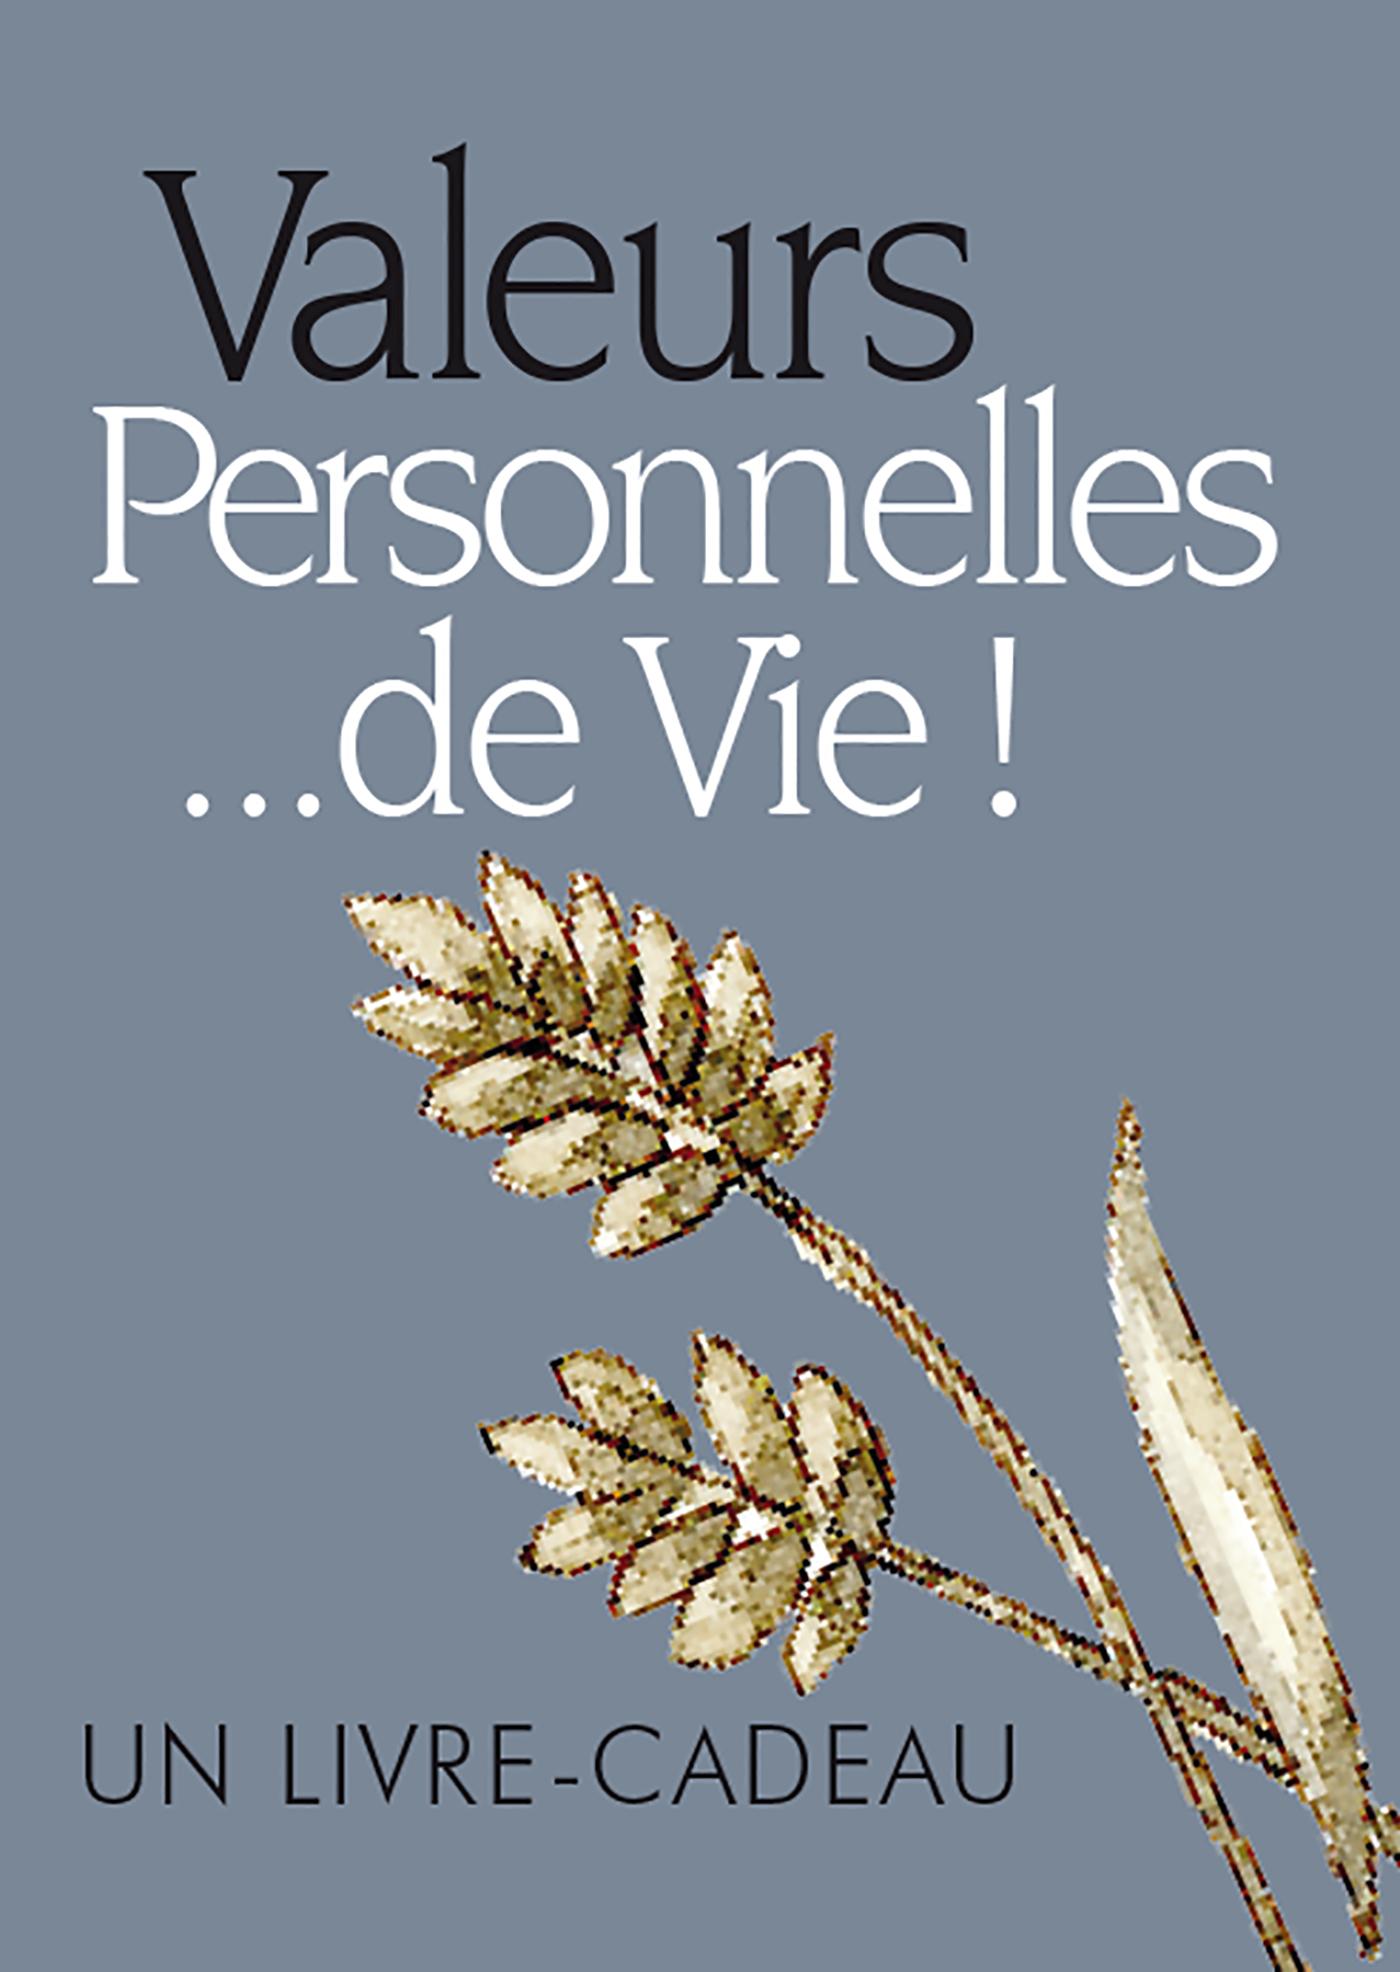 VALEURS PERSONNELLES